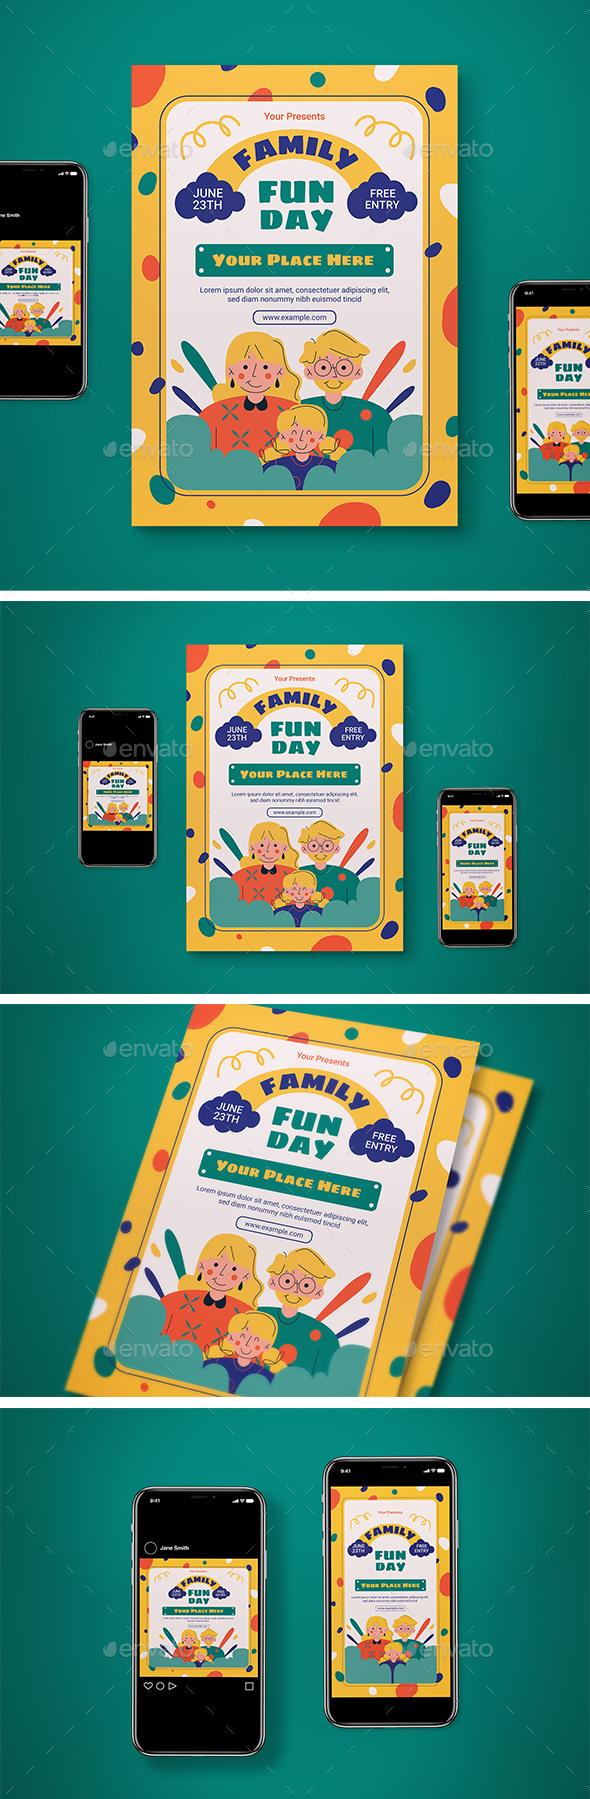 Family Fun Day Flyer Set